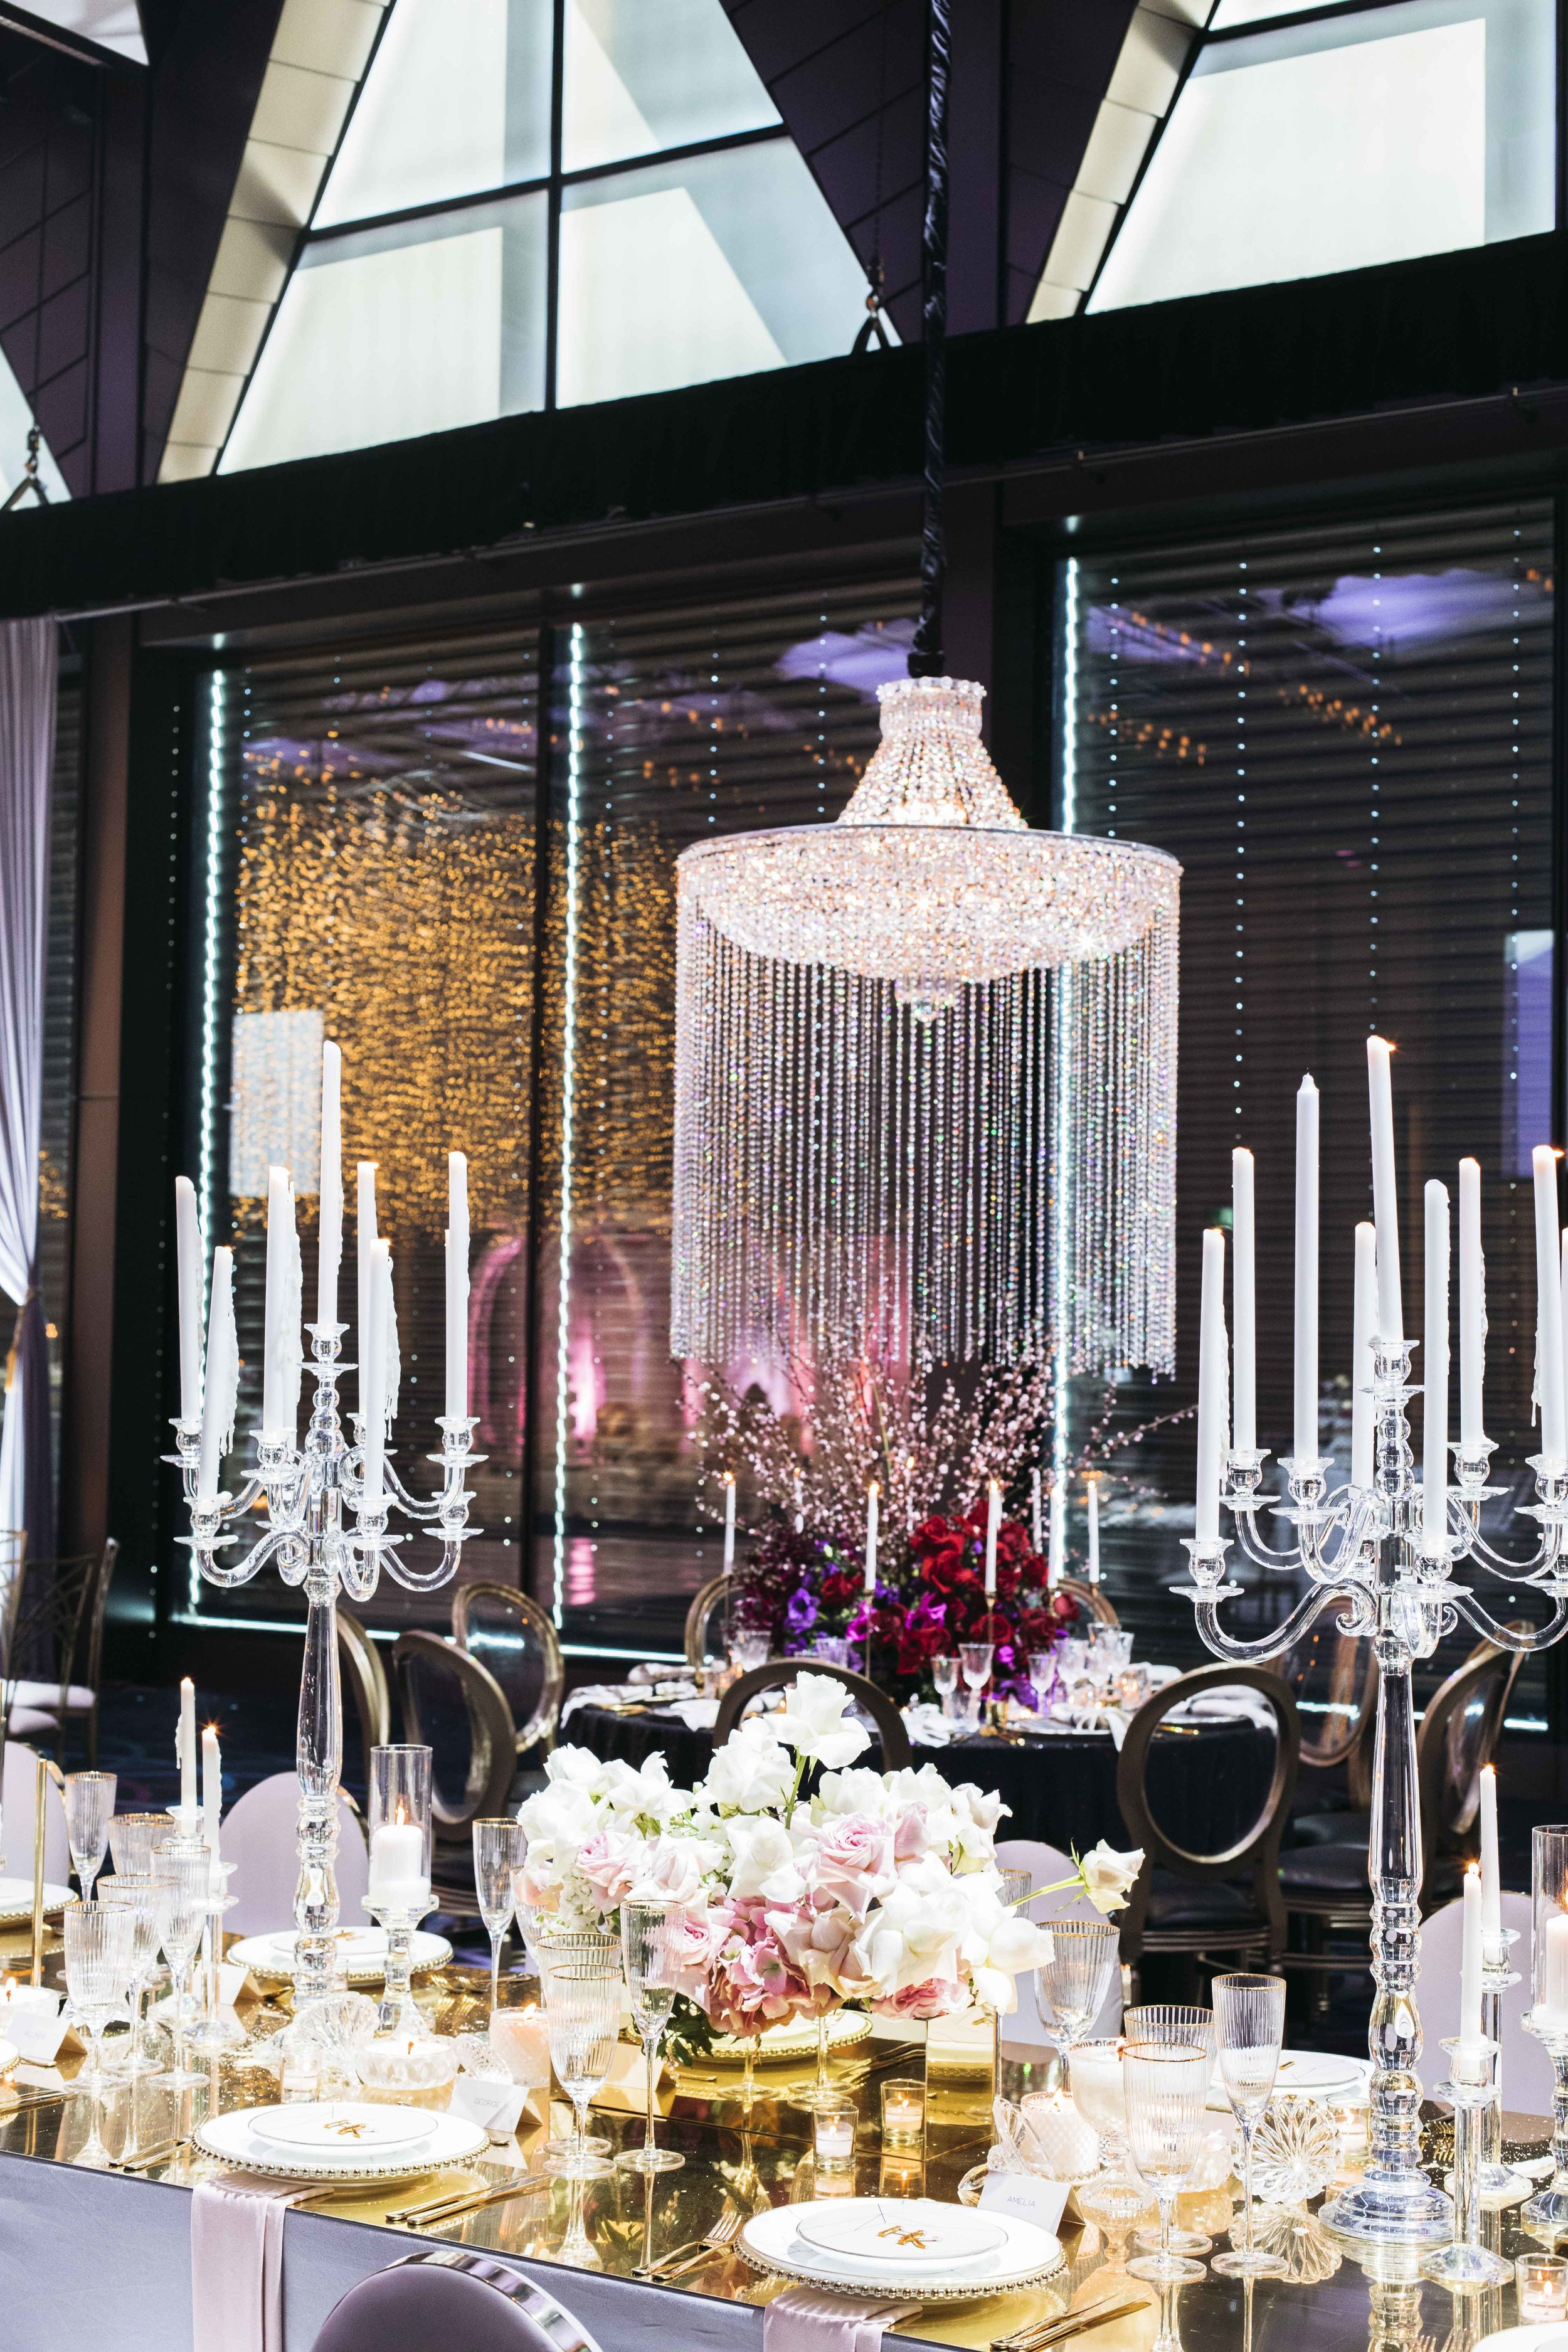 Harbourside wedding venue at Grand Ballroom at Hyatt Regency Sydney